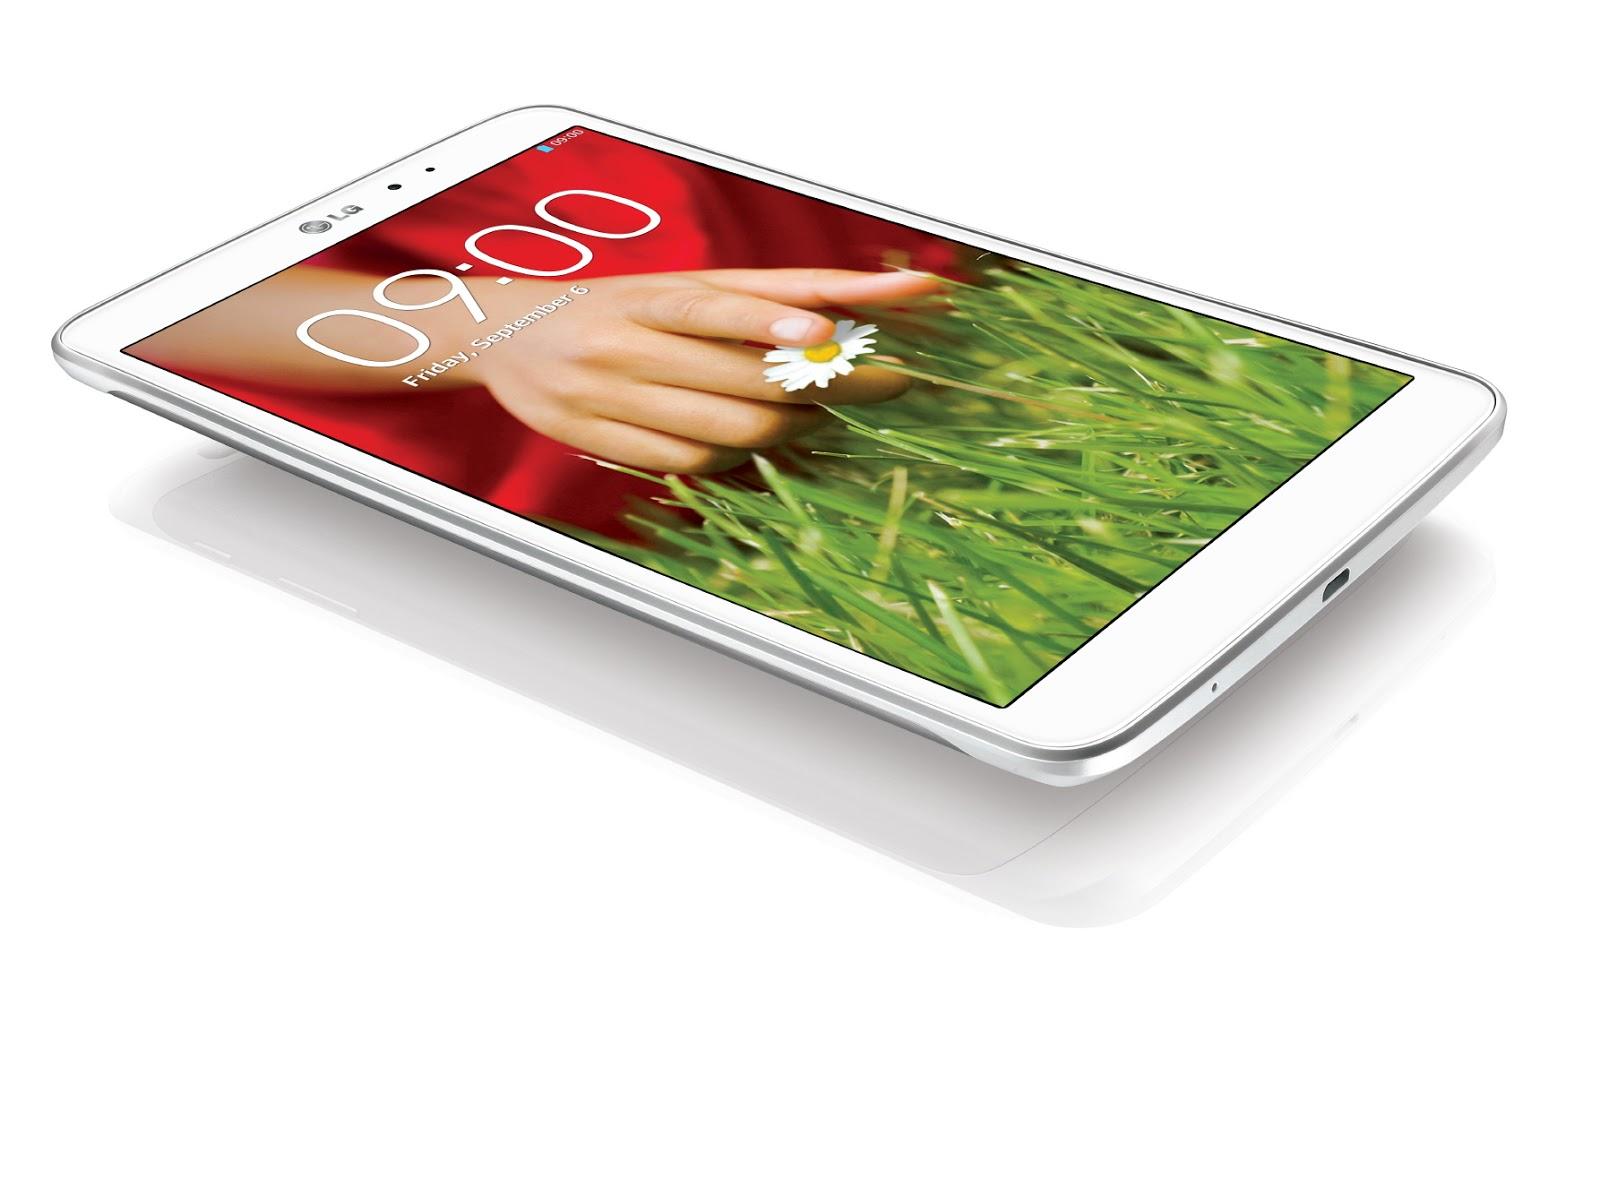 LG G Pro 2 Akan Launching Bulan Depan